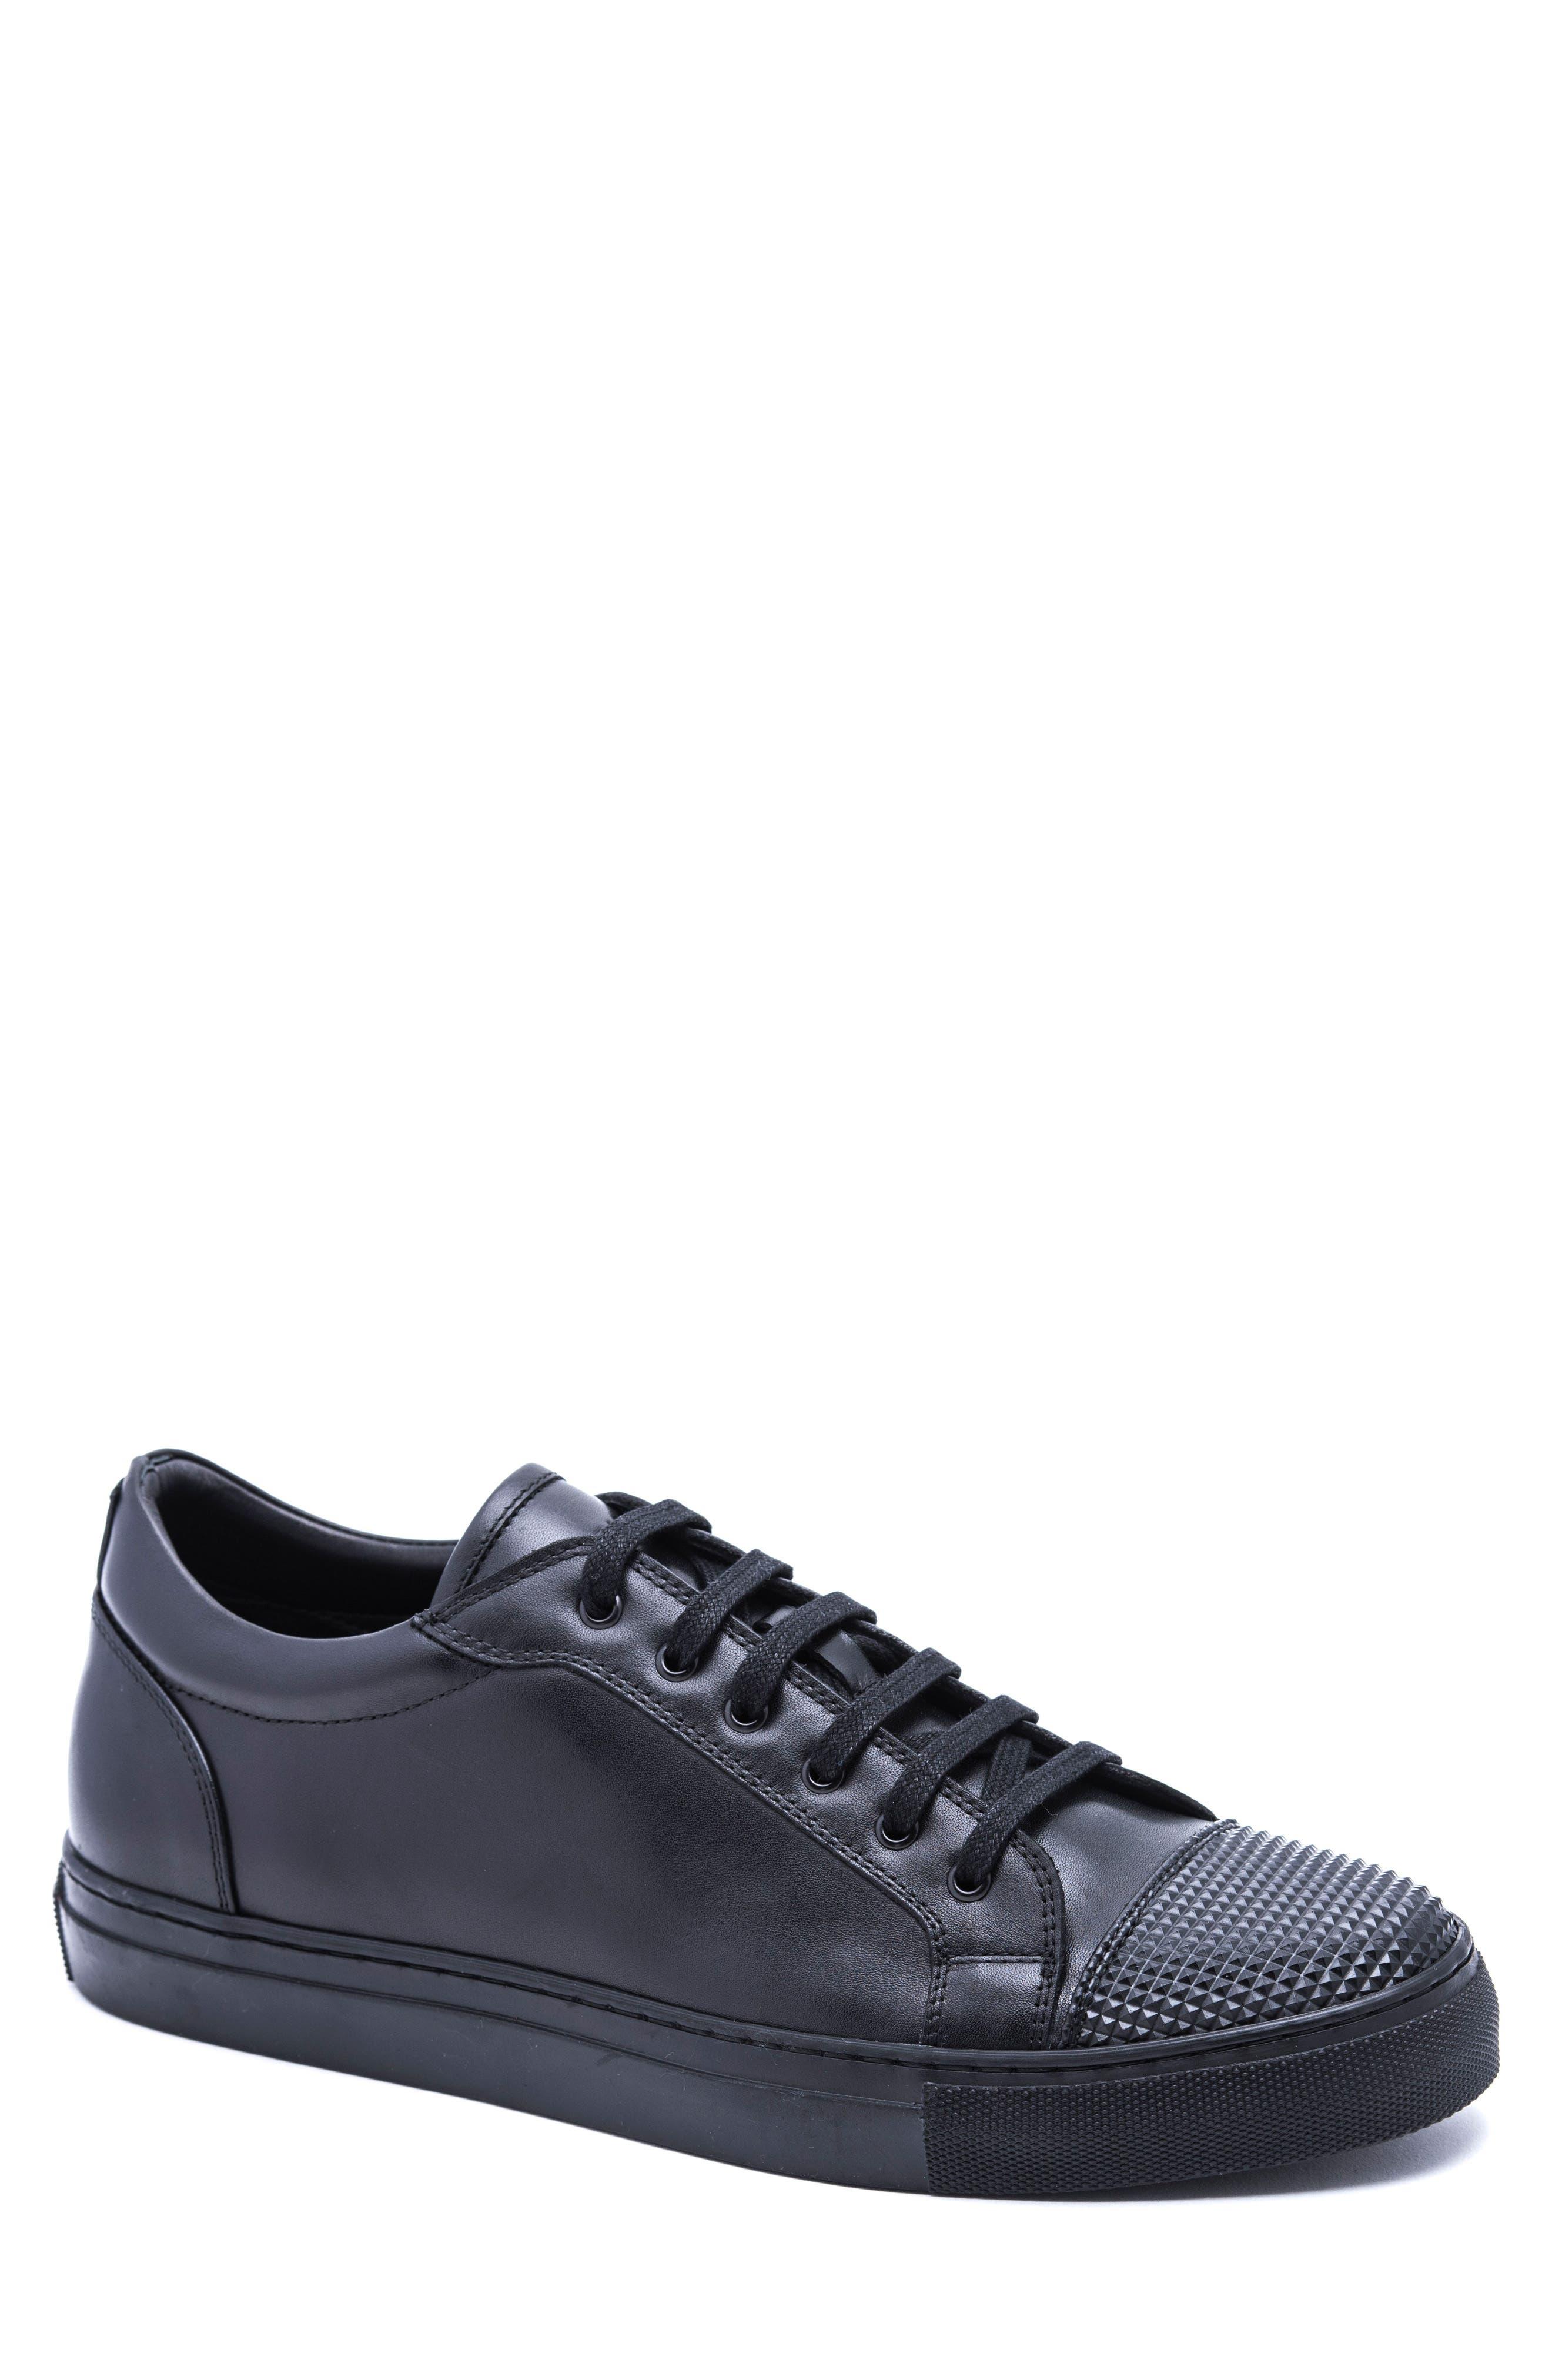 John Sneaker,                         Main,                         color, Black